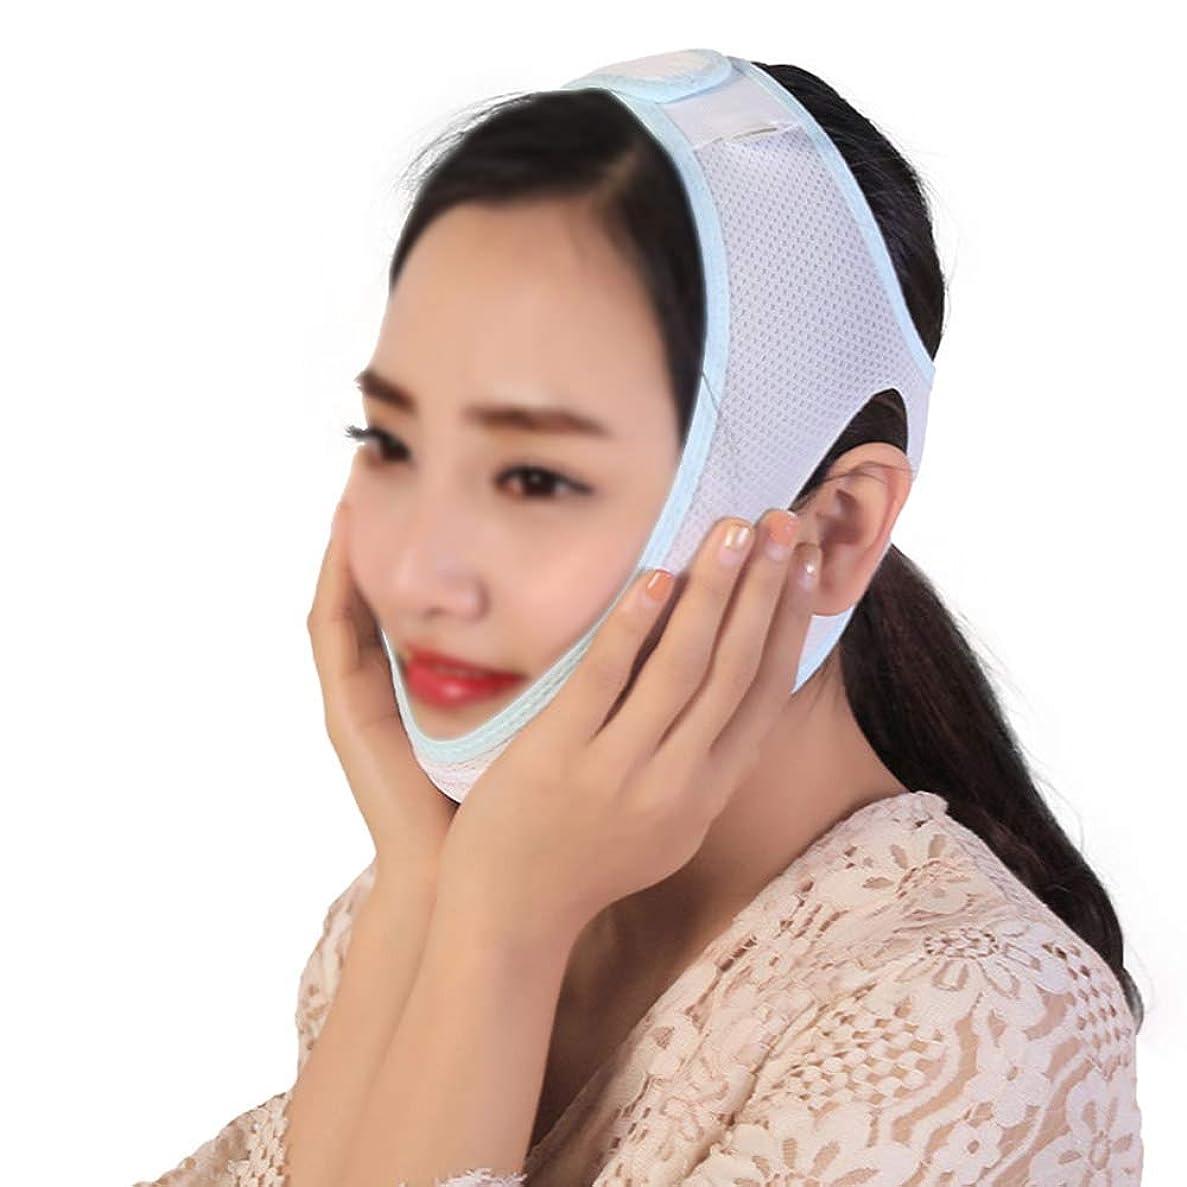 コンペ振り子司書XHLMRMJ ファーミングフェイスマスク、小さなvフェイスアーティファクトリフティングフェイスプラスチックフェイスマスク快適さのアップグレードの最適化フェイスカーブ包括的な通気性の包帯 (Size : M)